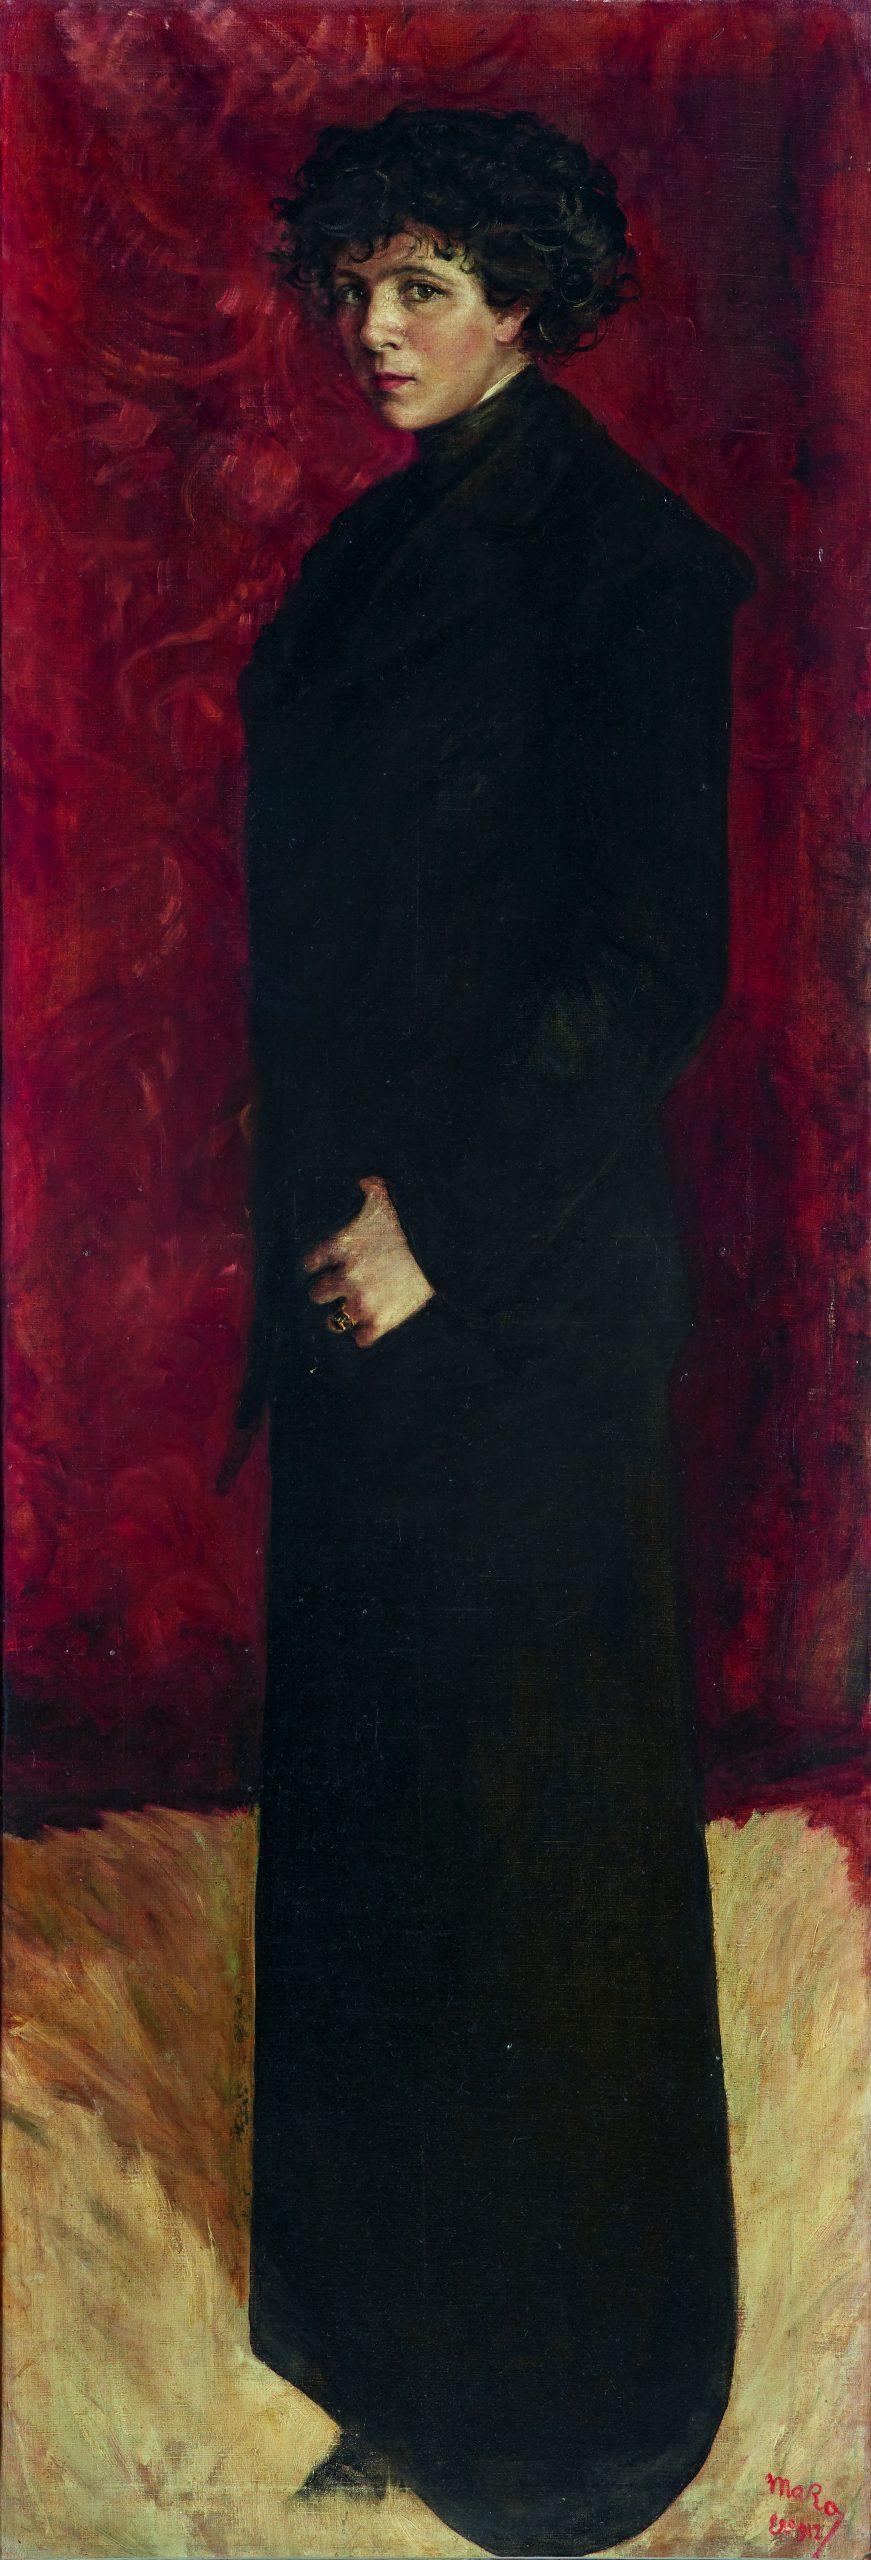 16-Autorretrato-de-cuerpo-entero-Marisa-Roesset-Maria-Luisa-Roesset-y-Velasco-1904-–-1976-Oleo-sobre-lienzo-1912-Madrid-Museo-Nacional-Centro-de-Arte-Reina-Sofia-scaled